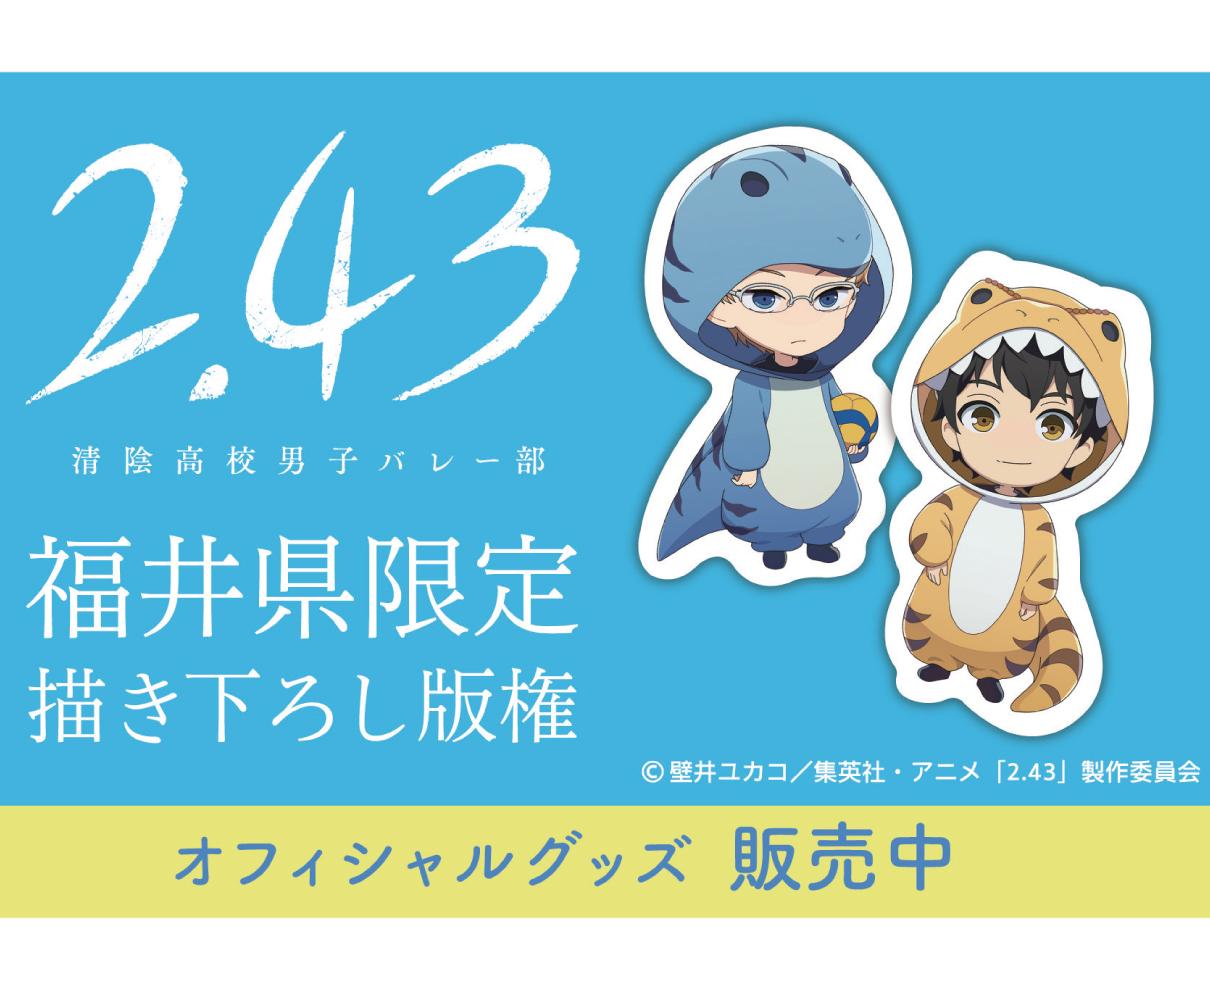 「2.43」他では買えない福井限定デザイングッズが好評発売中!|株式会社サカエマーク